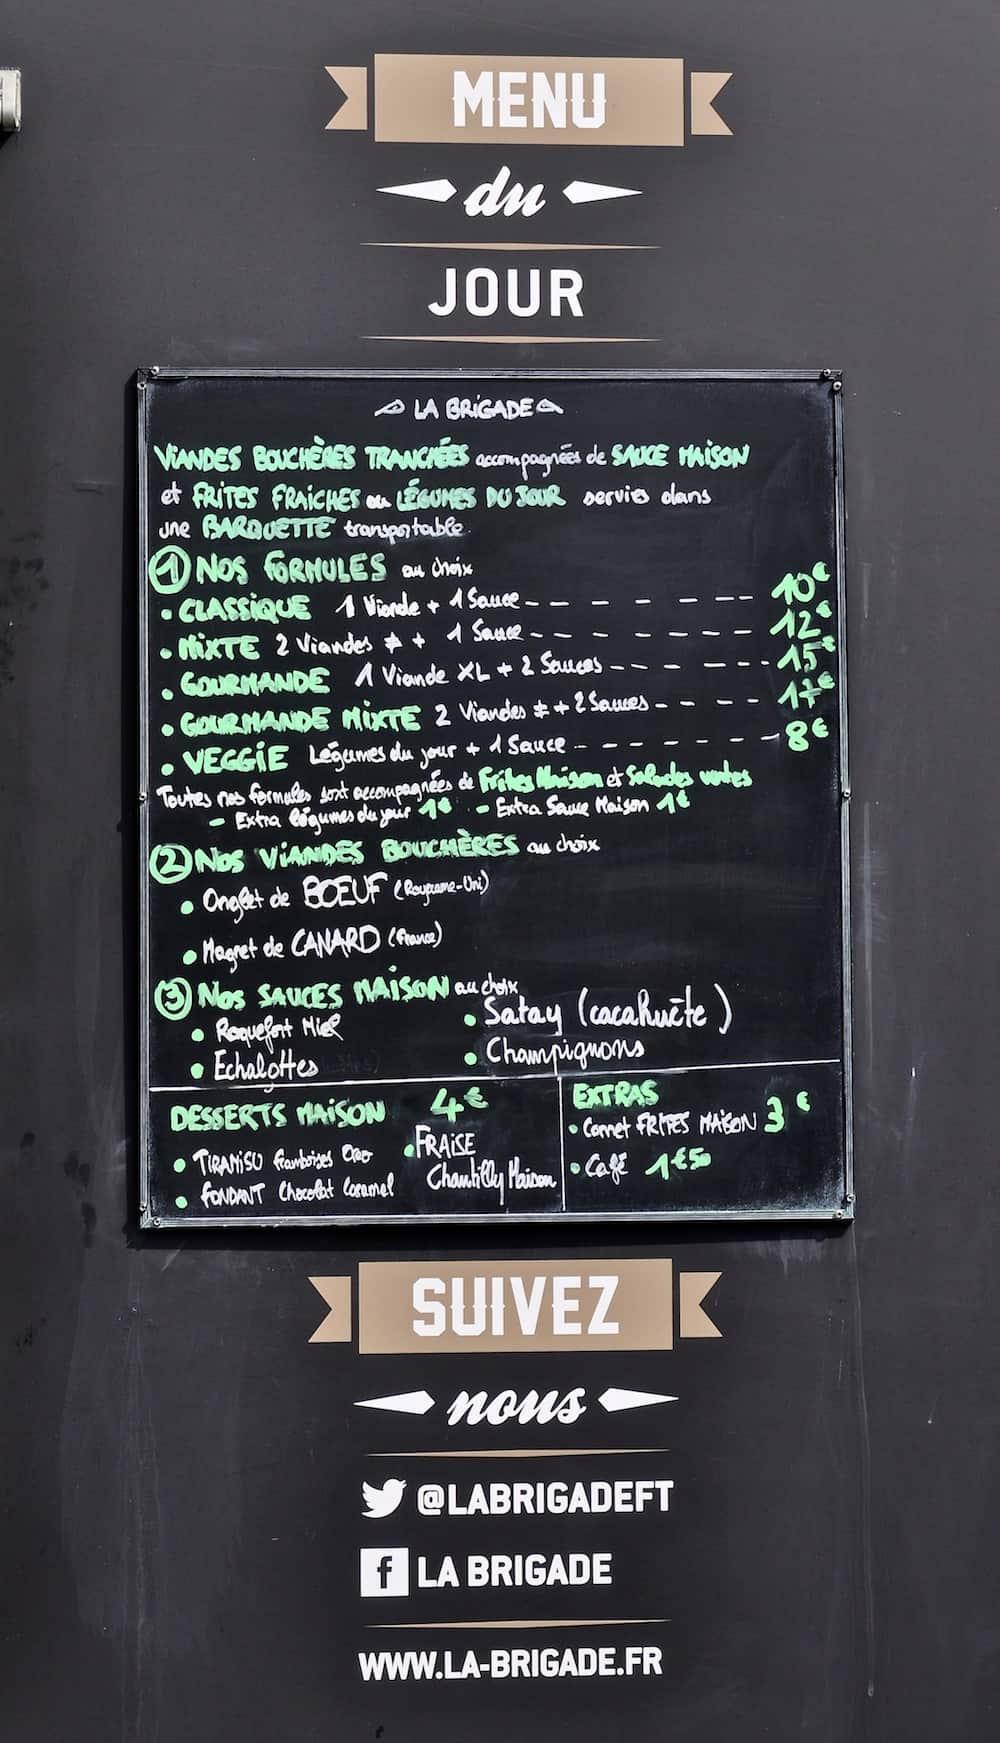 menu-la-brigade-food-truck